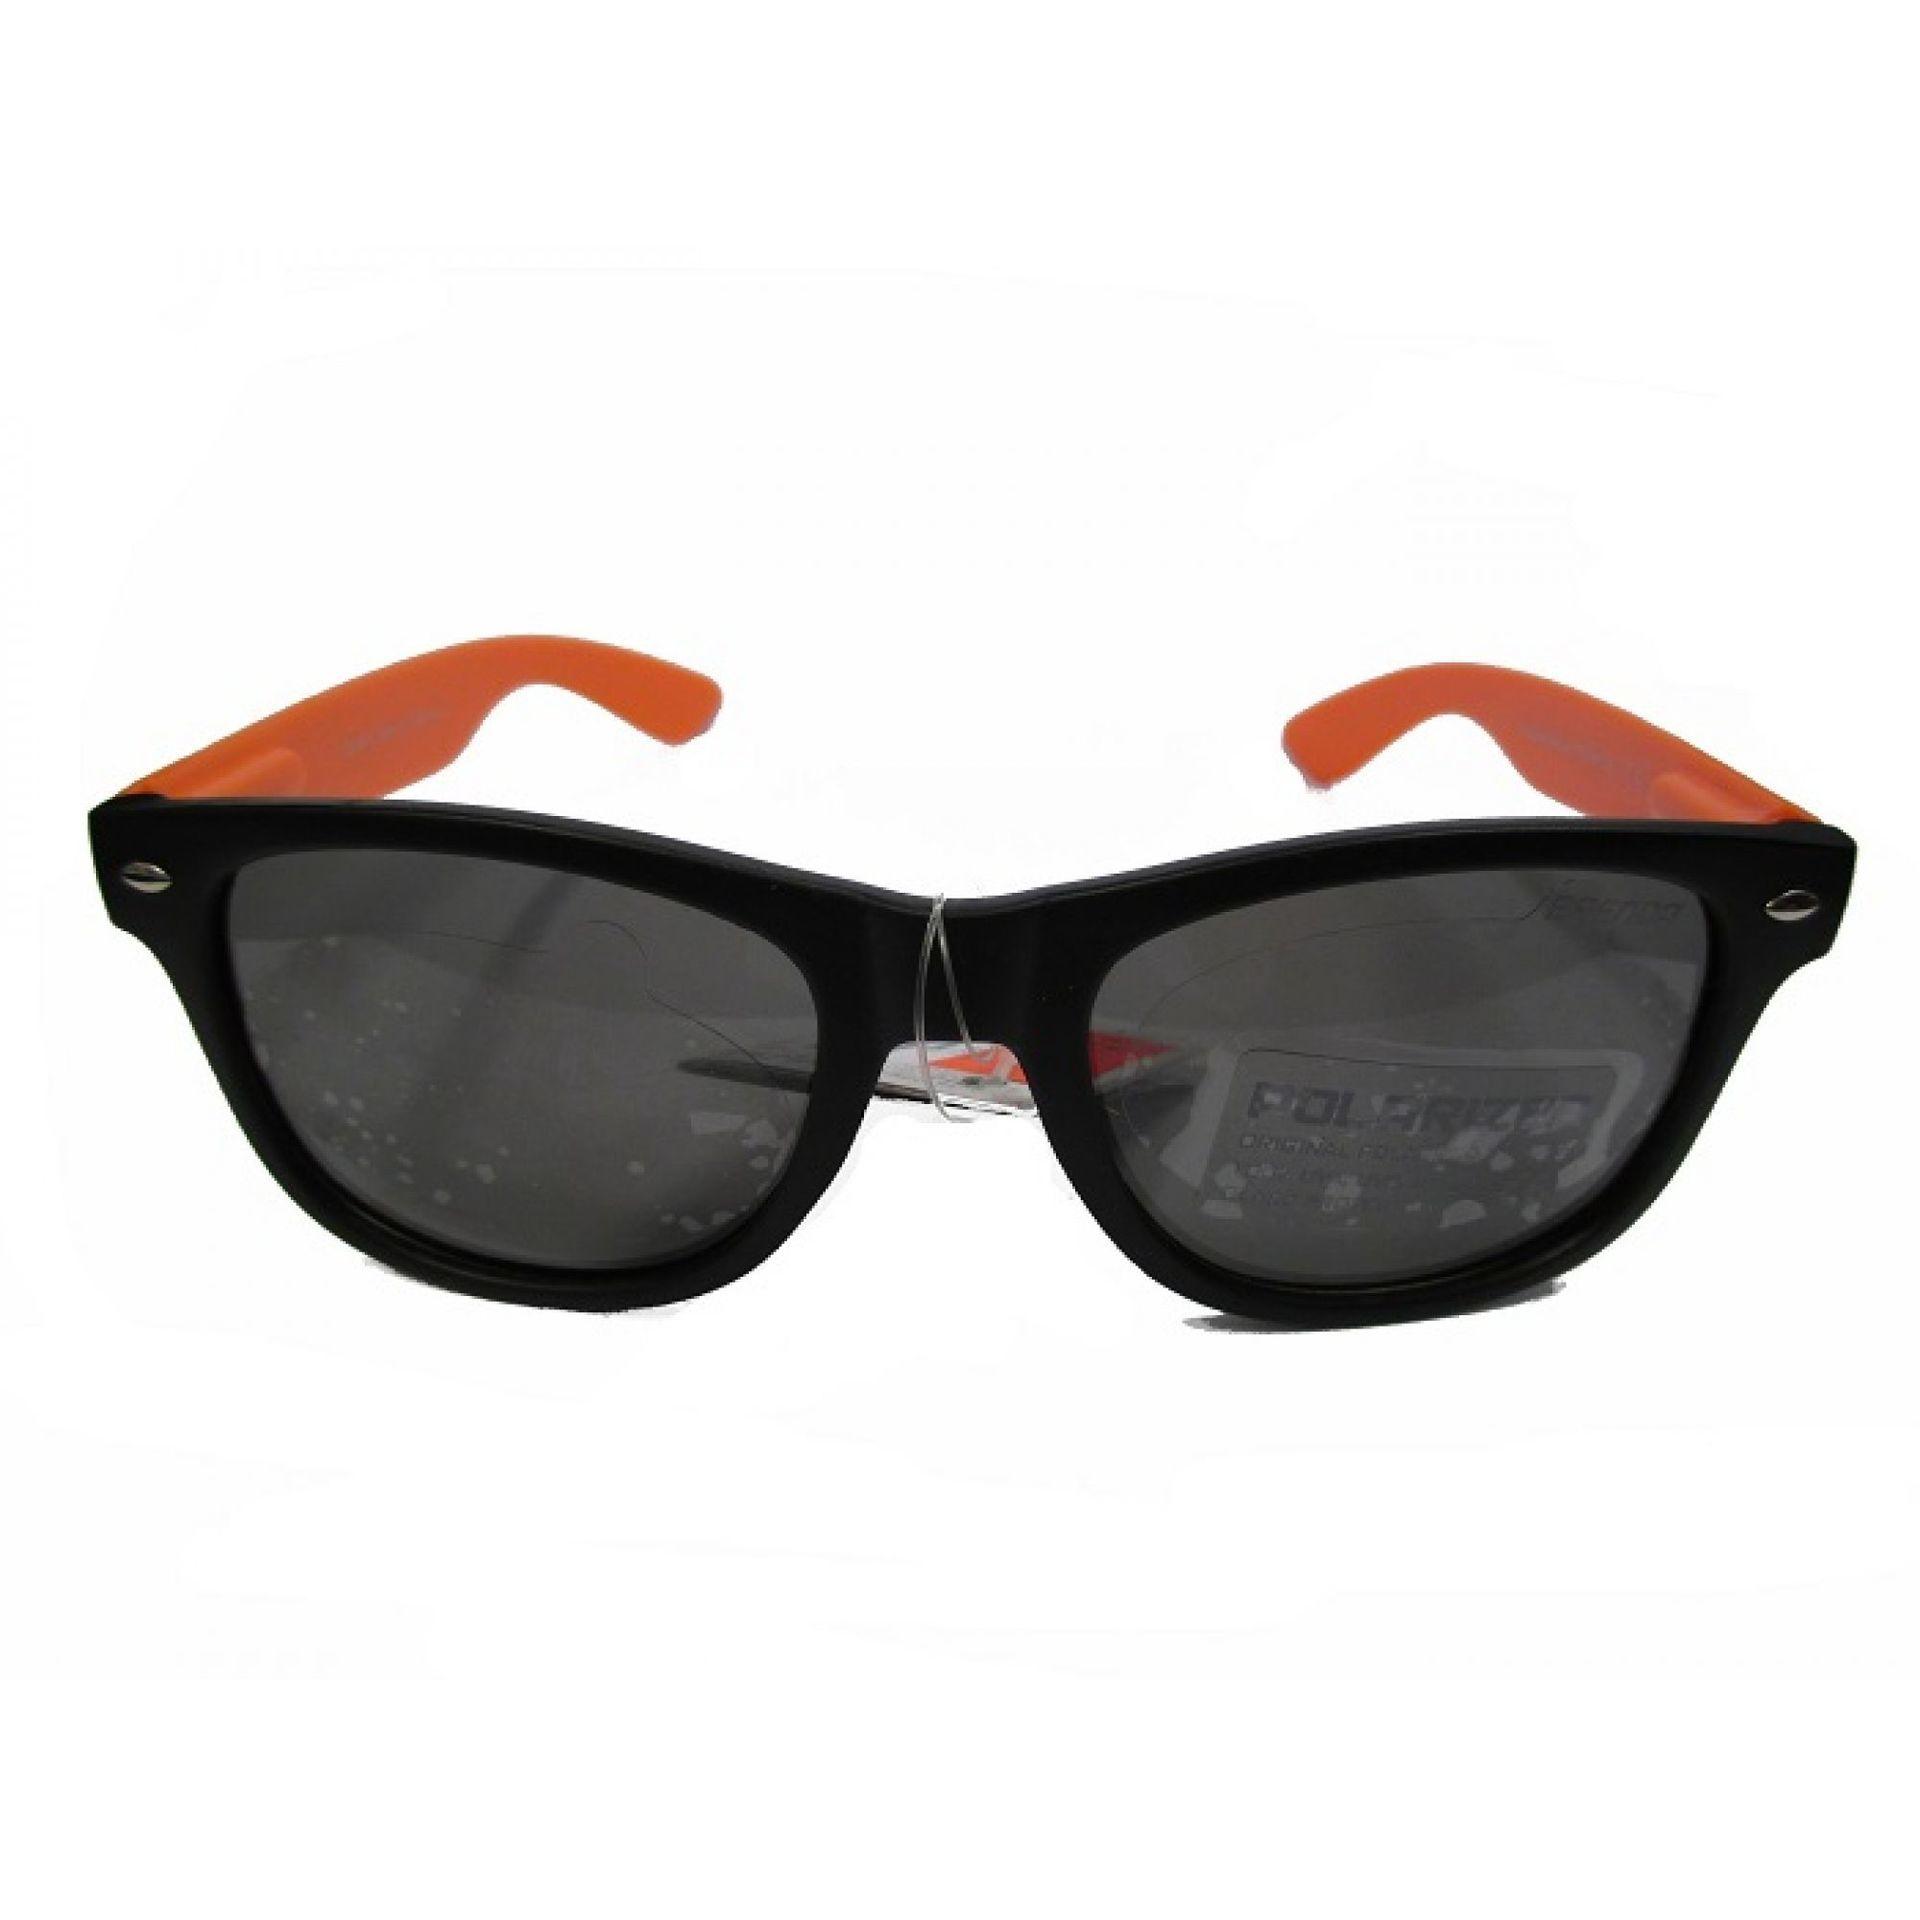 Okulary Brenda P8001-KL10 czarne pomarańczowe